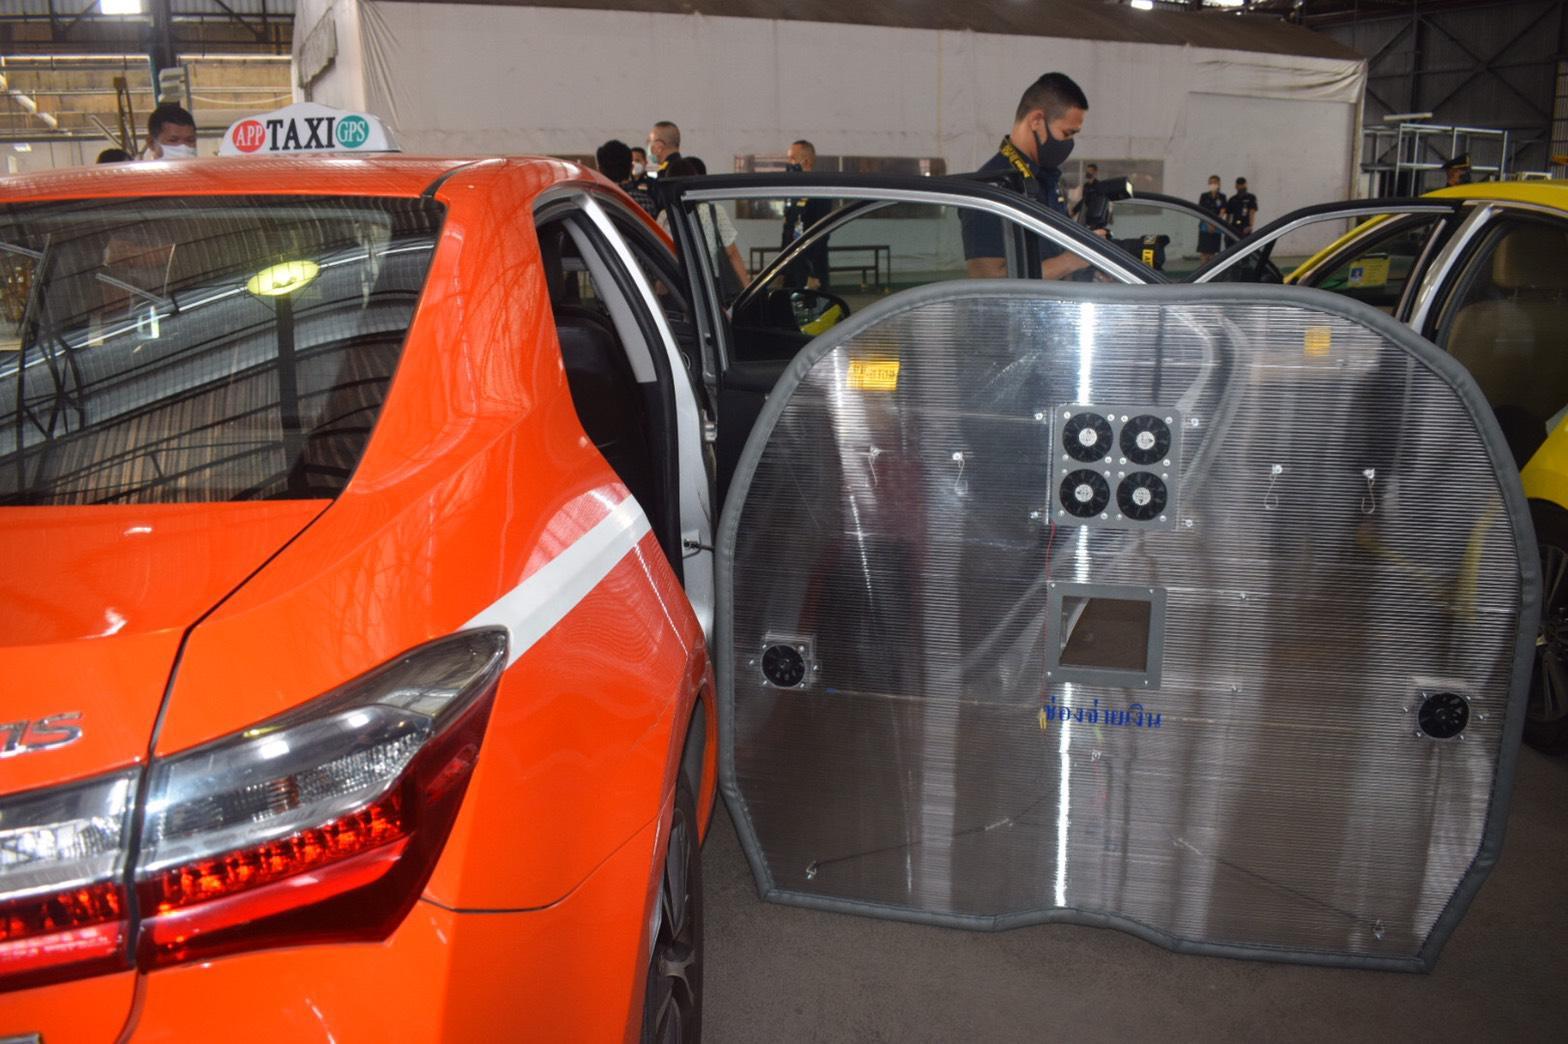 ทอ.ผลิตอุปกรณ์ป้องกัน โควิด-19 มอบให้แท็กซี่ สร้างความมั่นใจให้ผู้โดยสาร